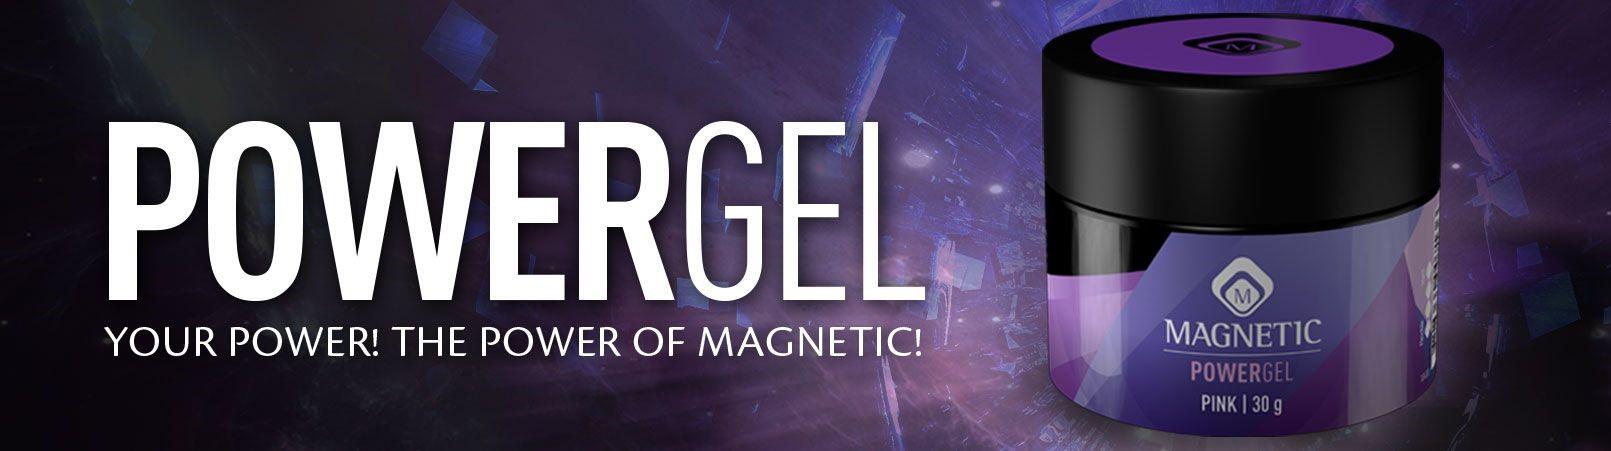 Powergel van Magnetic nu bij Kat's Nails Gorinchem - De hypoallergene oplossing en alternatief voor acryl